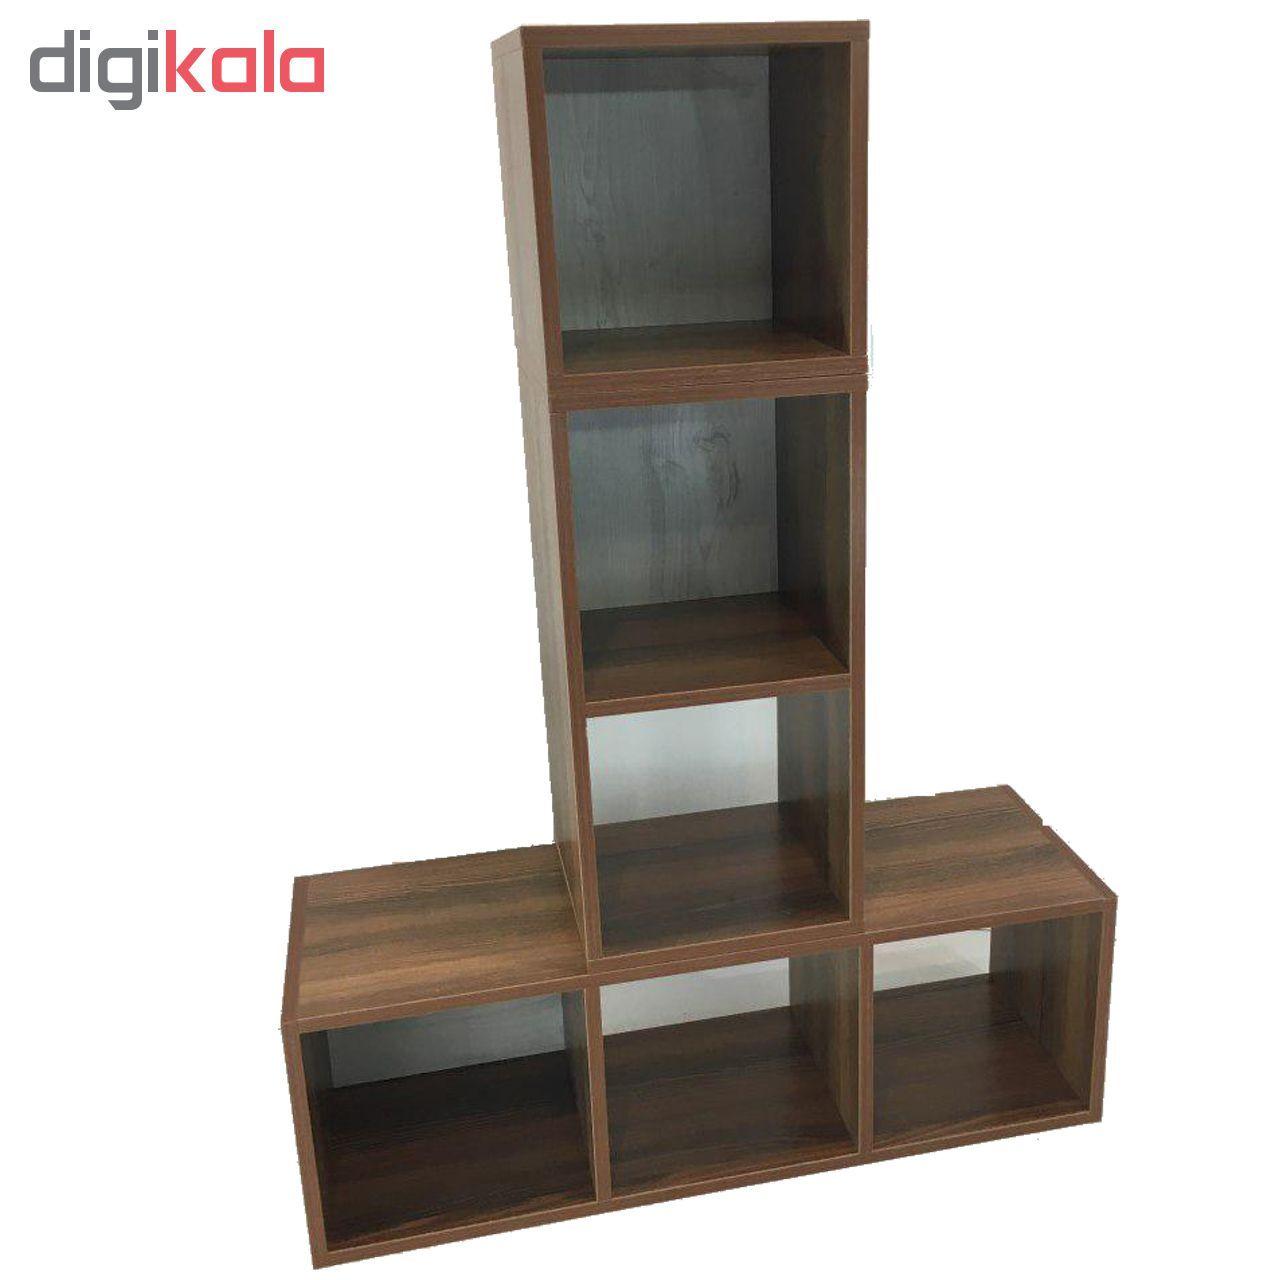 کتابخانه مدل 01 main 1 3